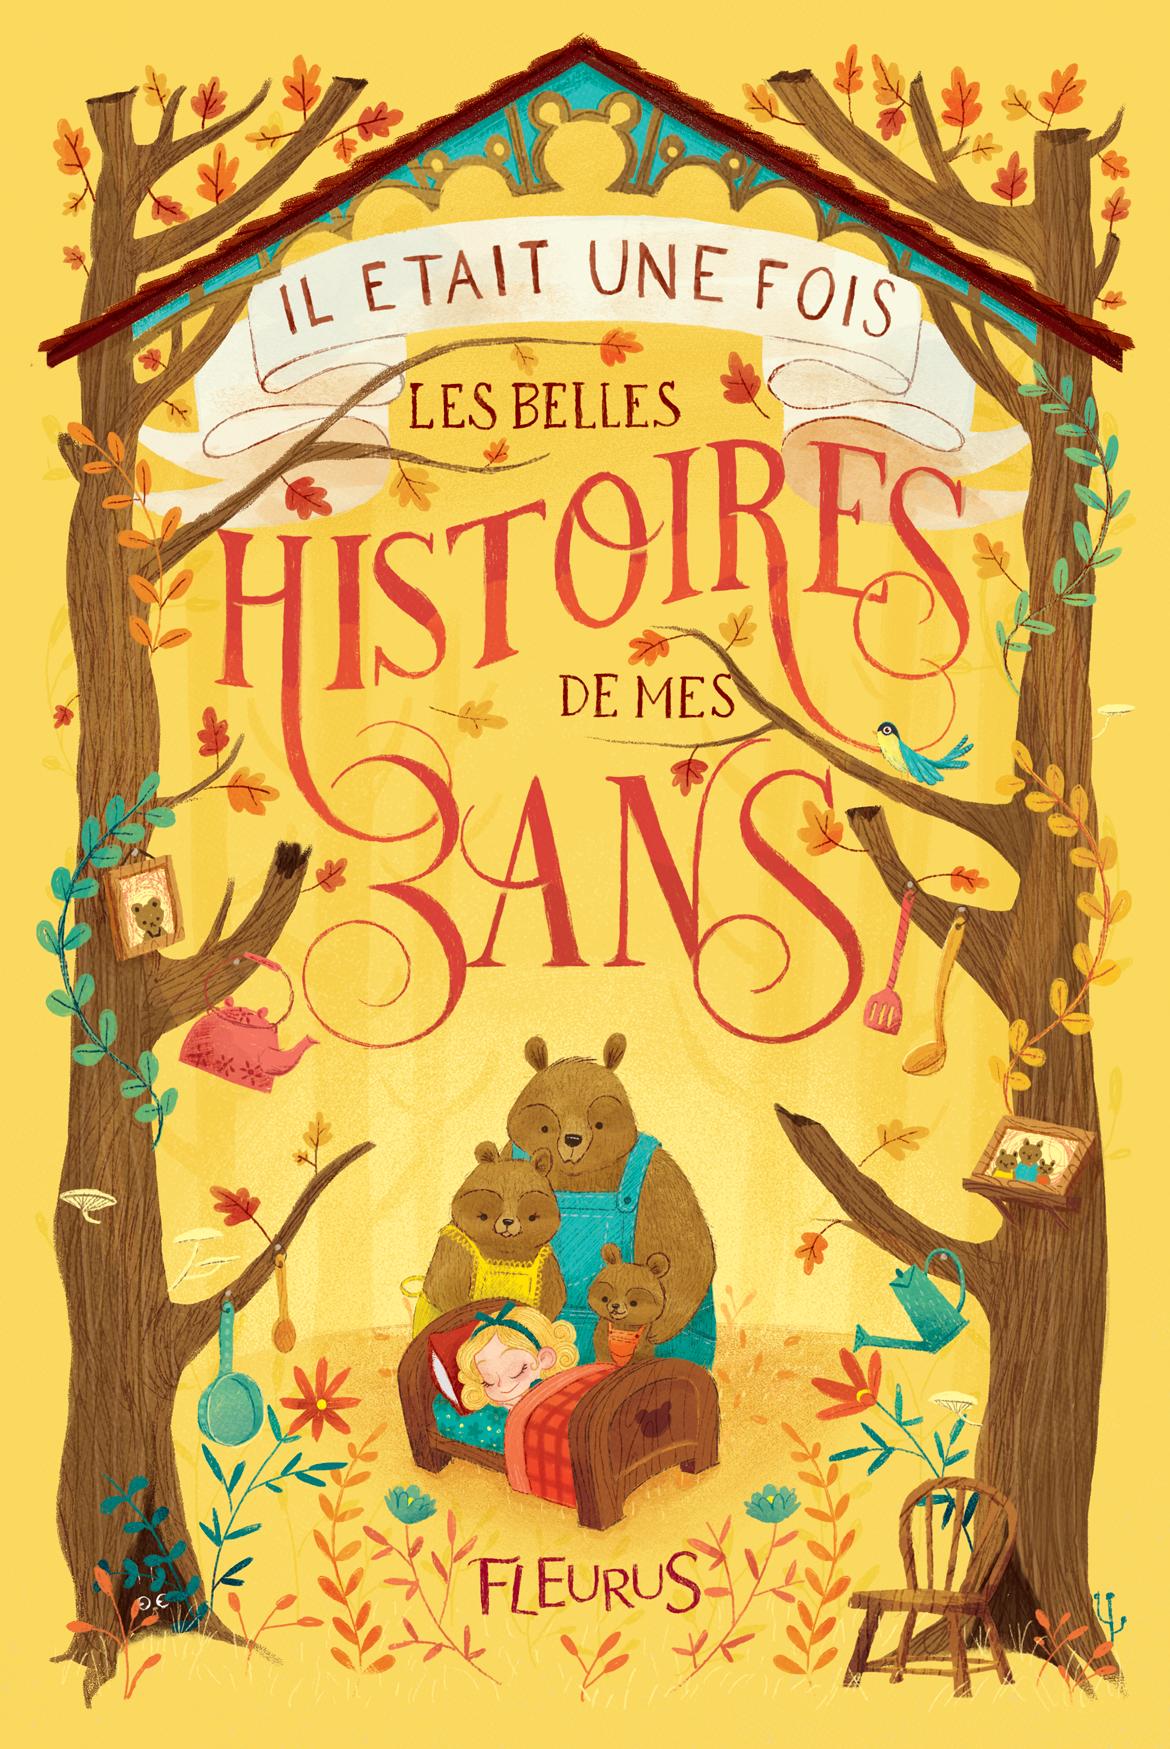 Children S Book Covers Art : Children s books gemma román book covers art design